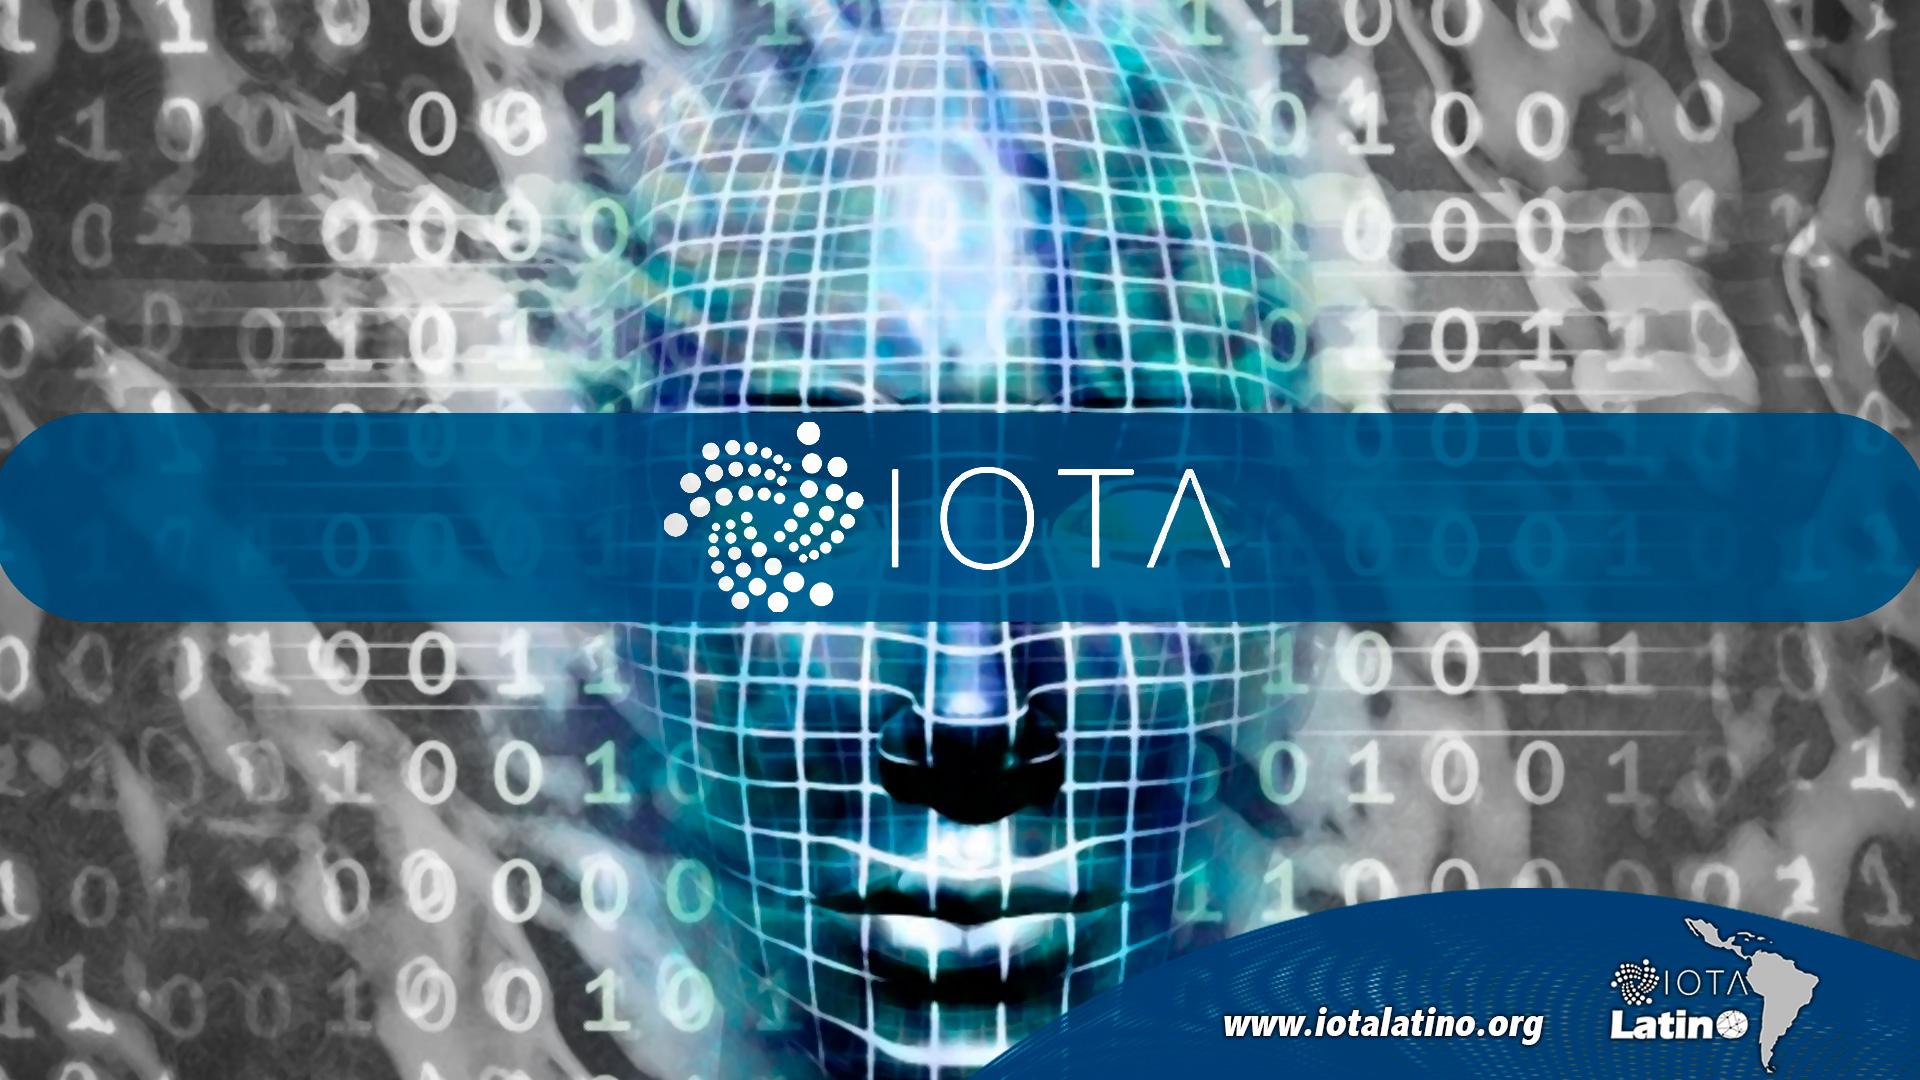 Autómatas celulares - IOTA Latino